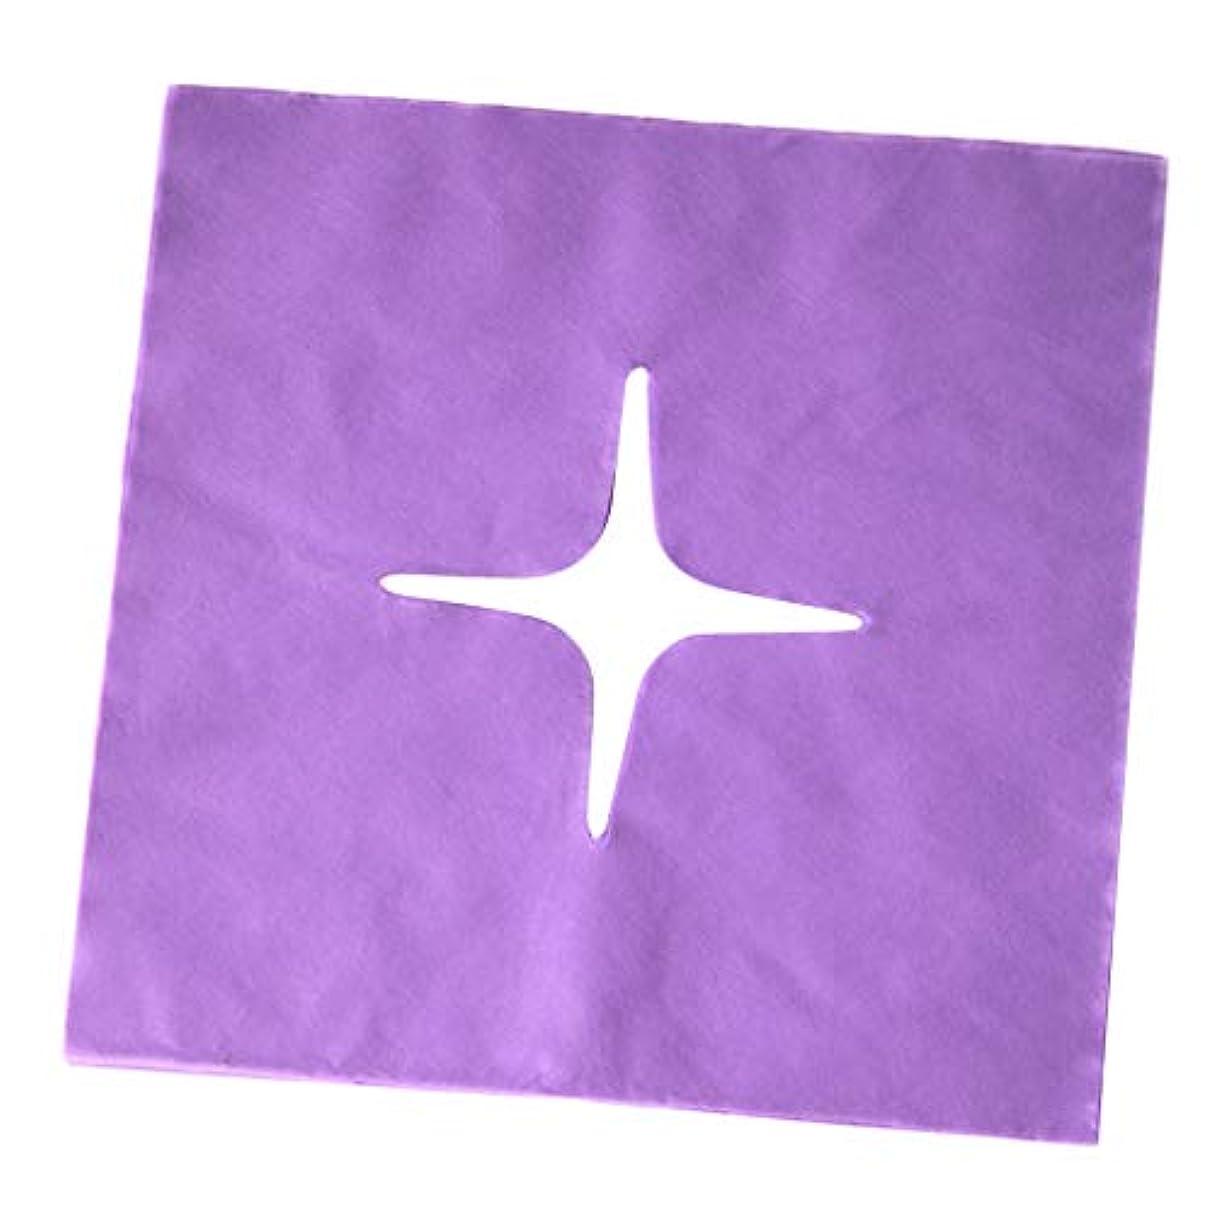 合わせてシャワー優先chiwanji マッサージ フェイスクレードルカバー スパ用 美容院 ビューティーサロン マッサージサロン 全3色 - 紫の